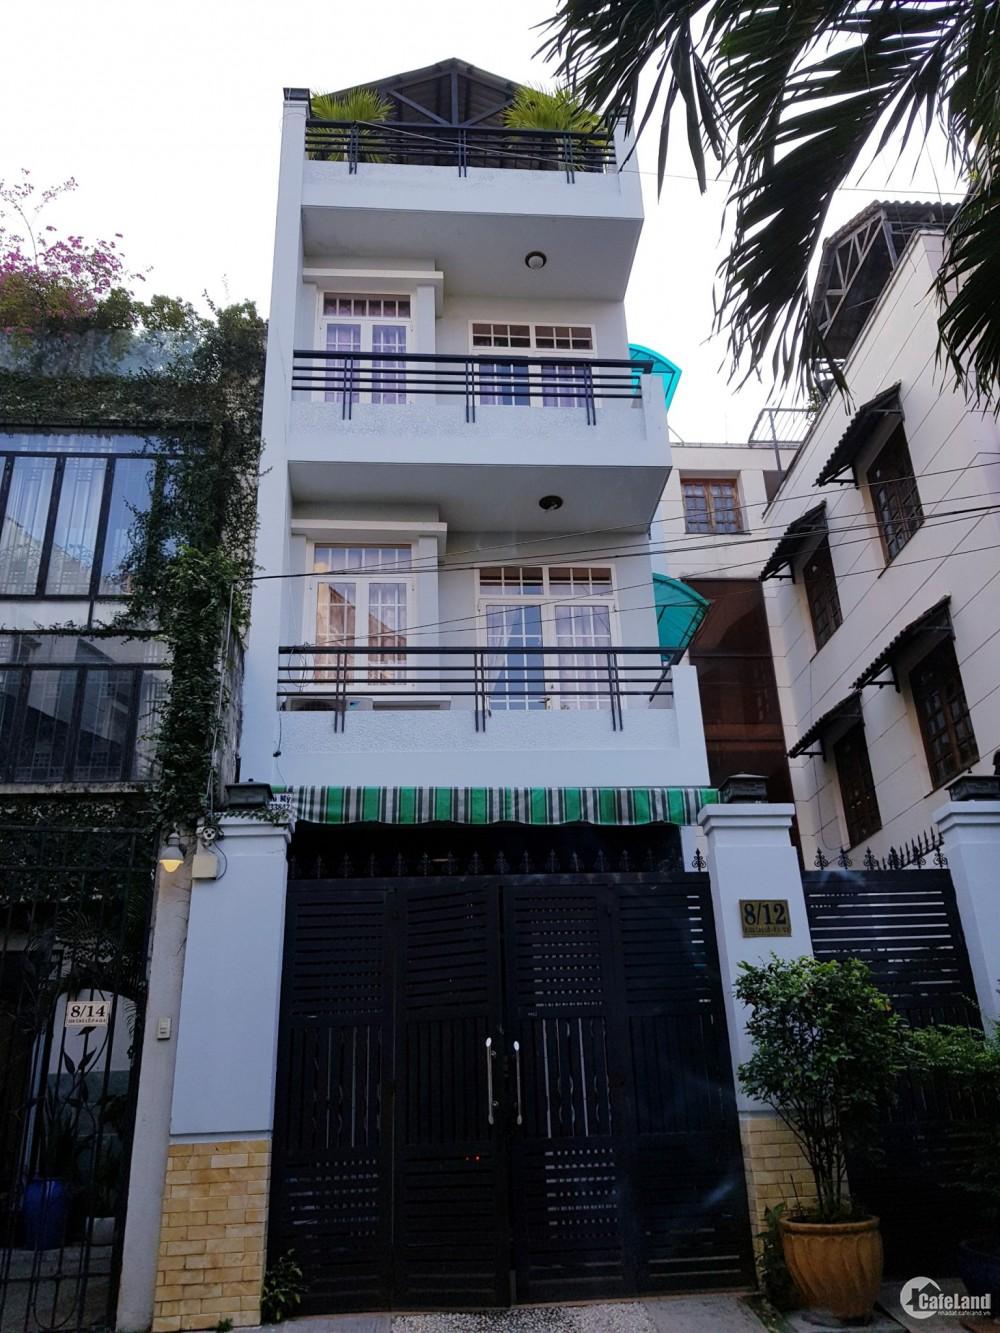 Bán gấp nhà khu Đồng Diều phường 4, quận 8, dt 6x20m2, giá tốt 11,5 tỷ